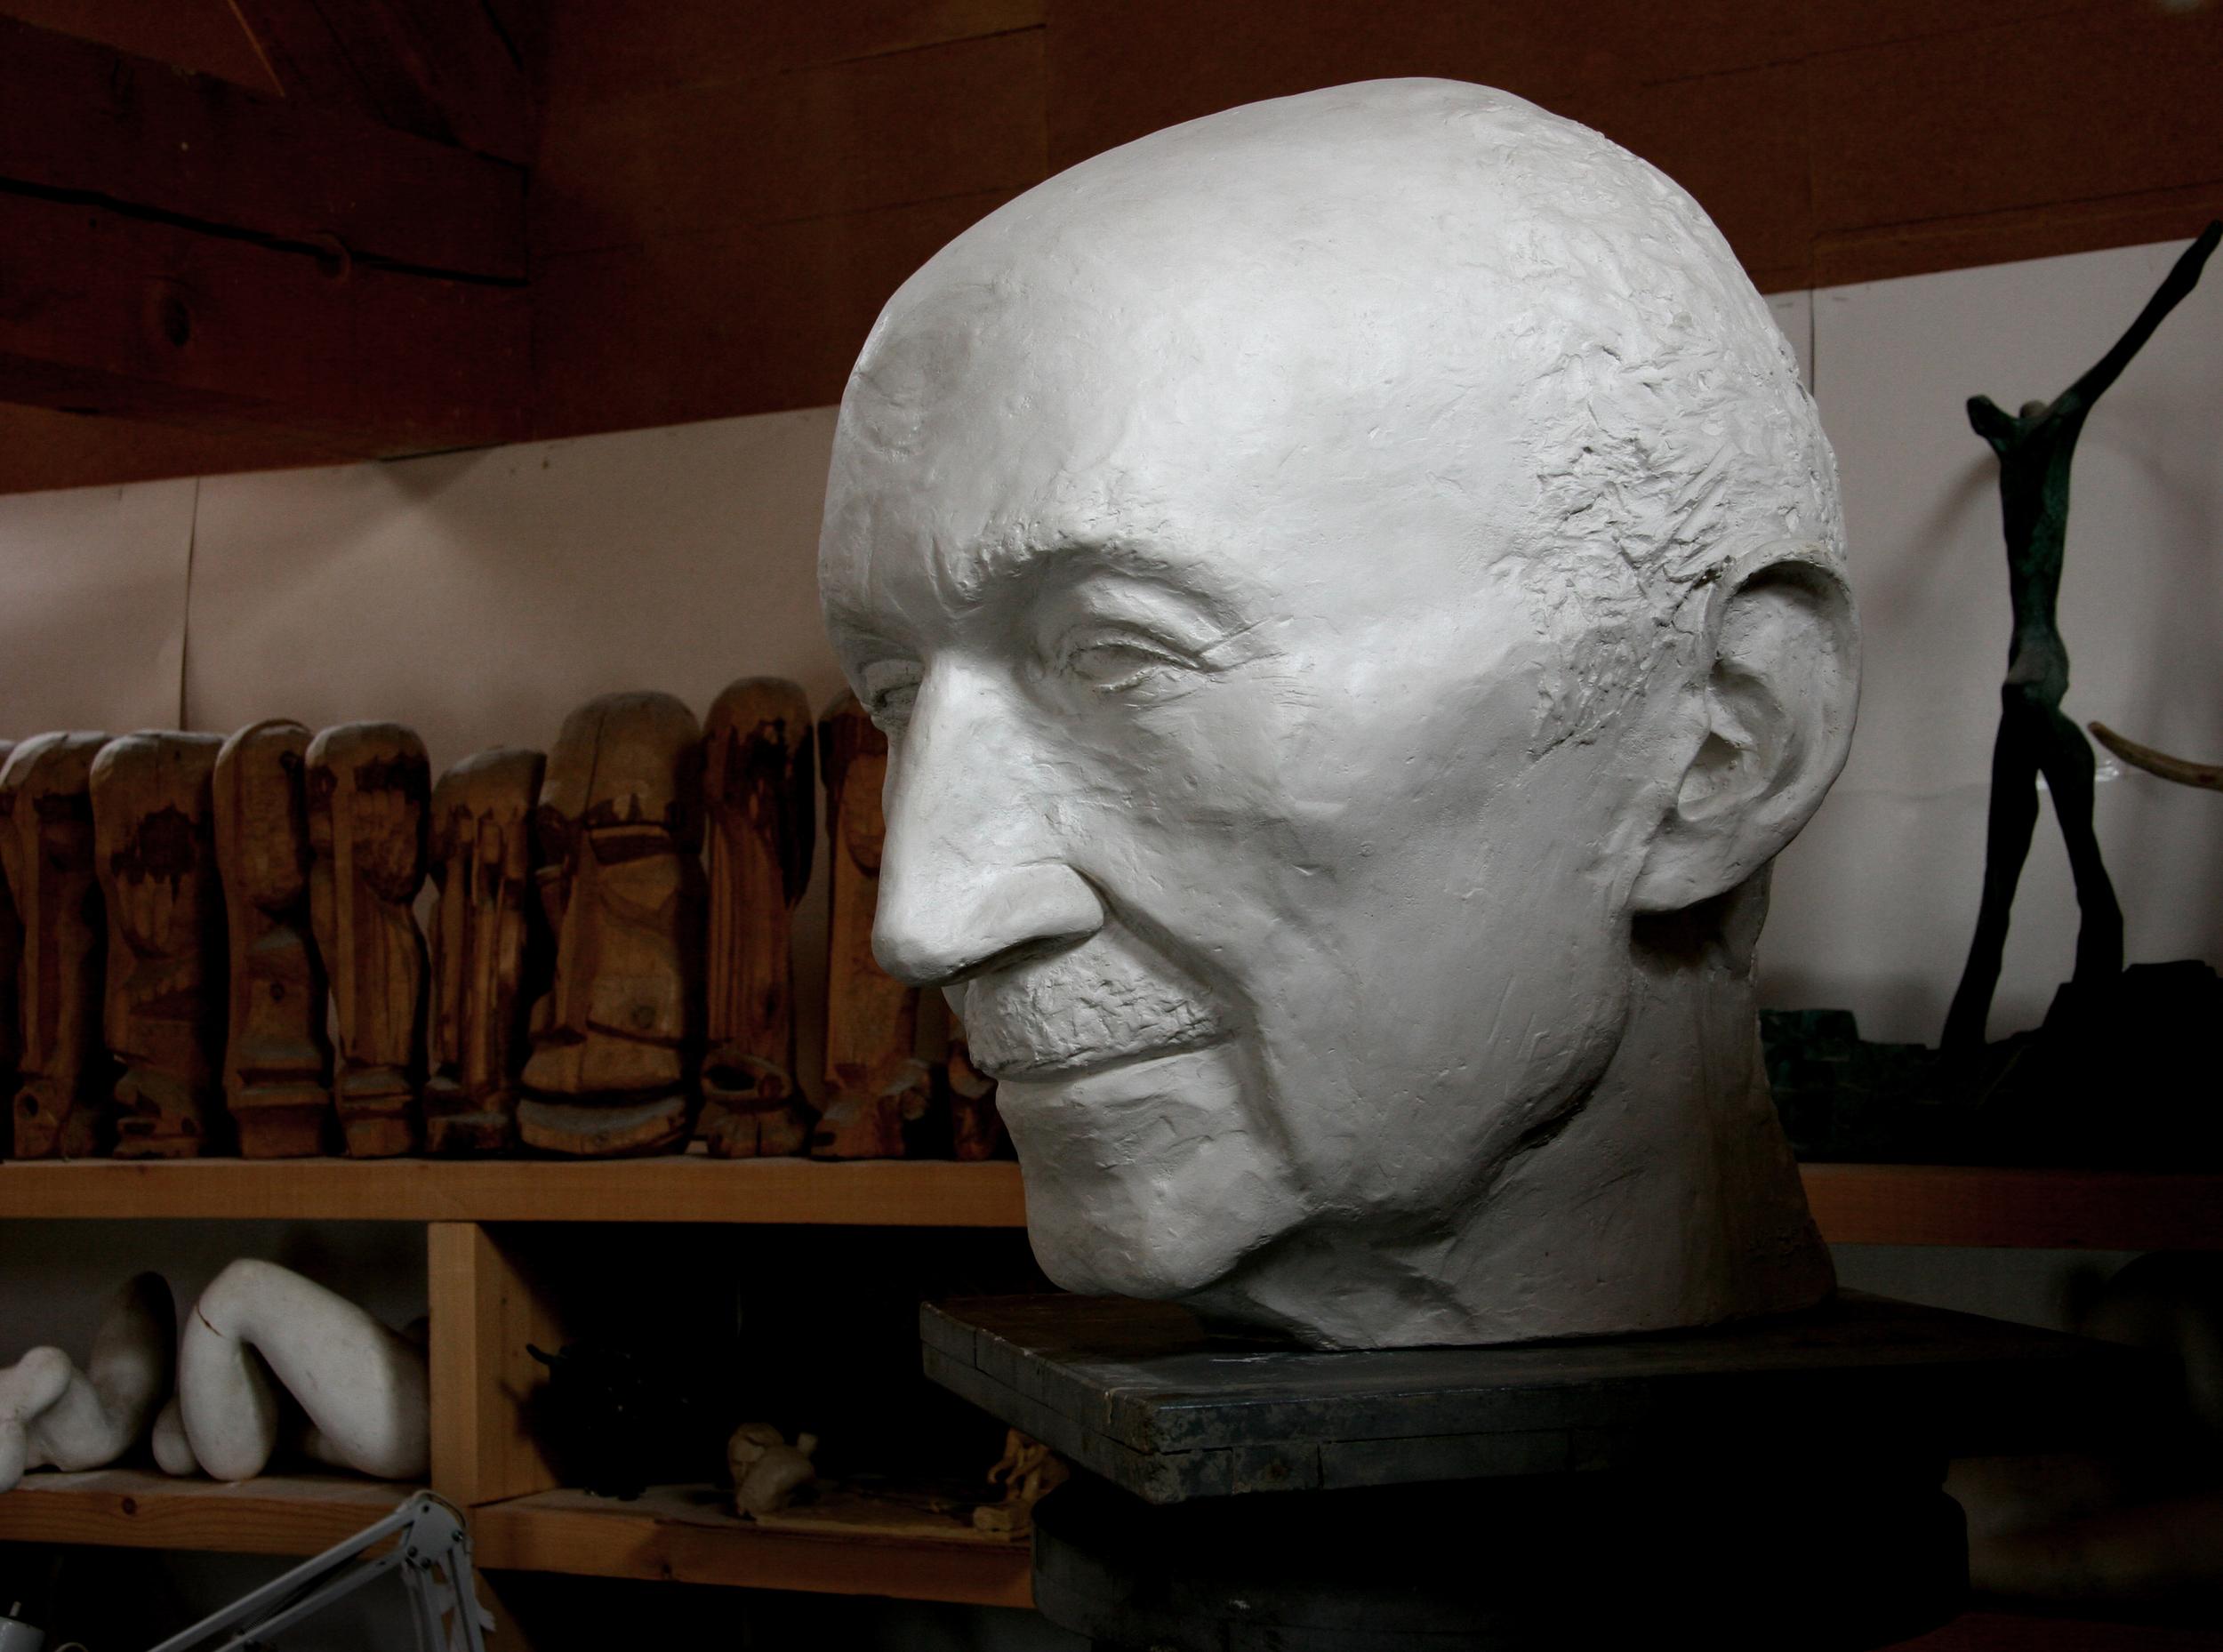 Pierre Dumas